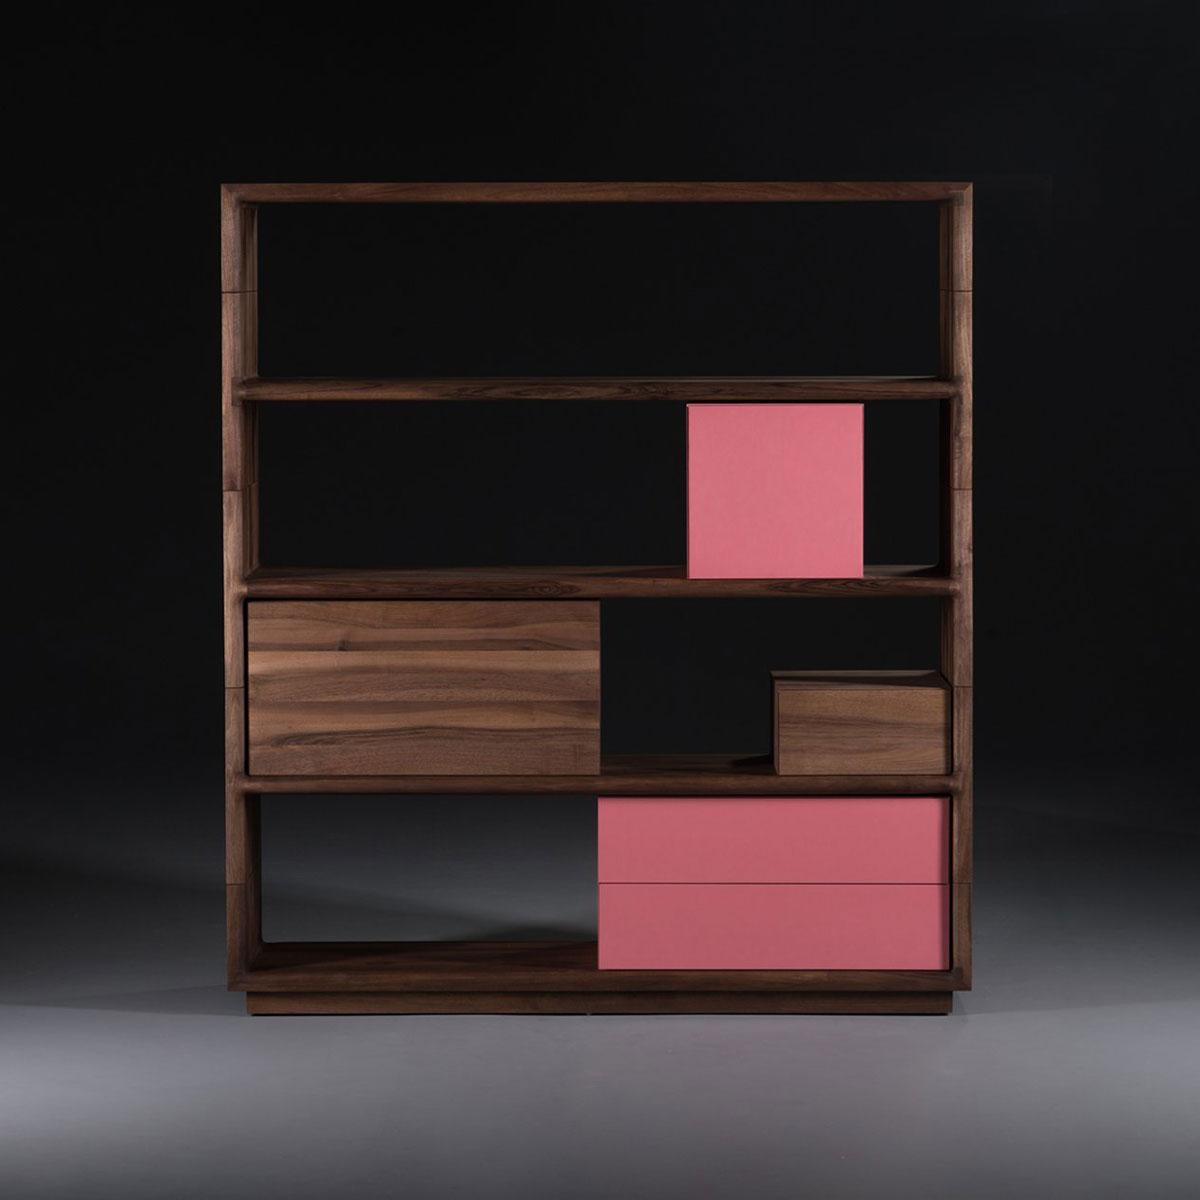 Mueble modular agilis en madera maciza moderno y actual for Diseno de muebles de madera modernos